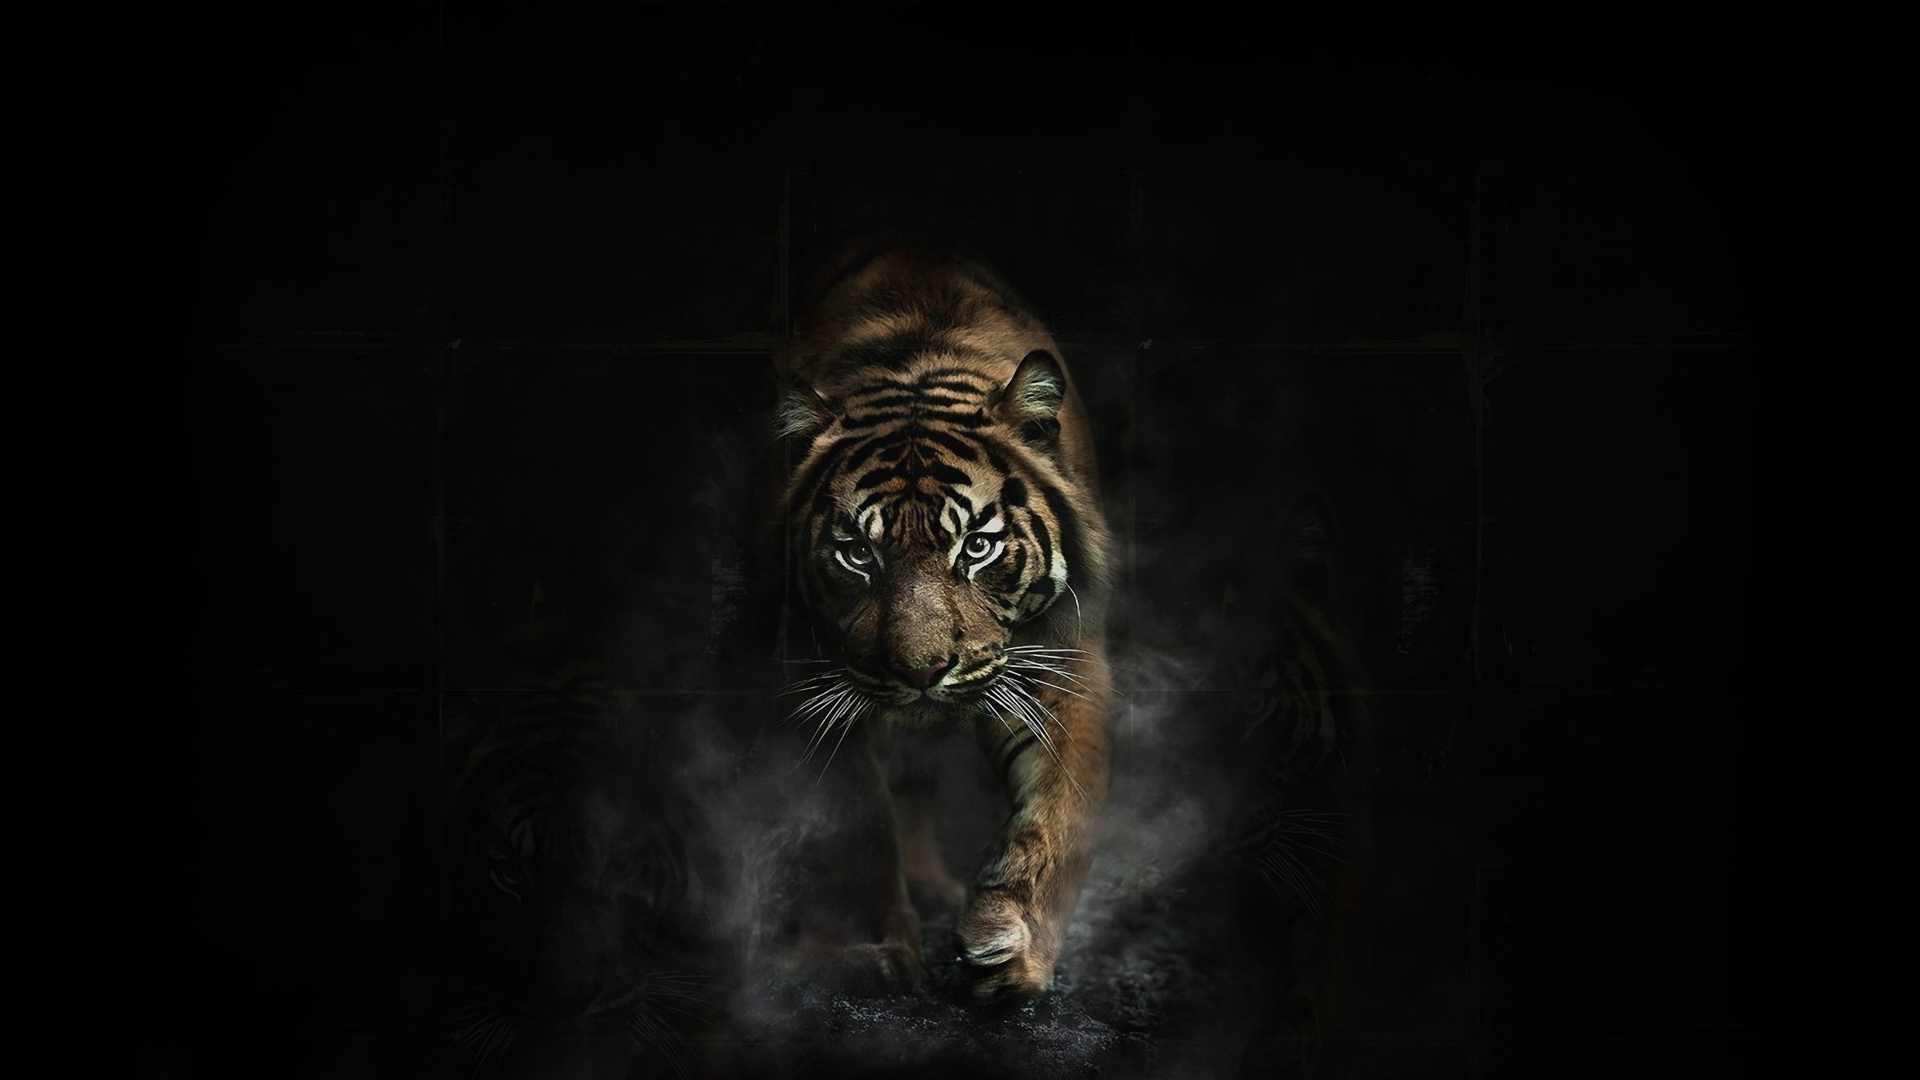 Hình ảnh con hổ trên nền đen cực ngầu